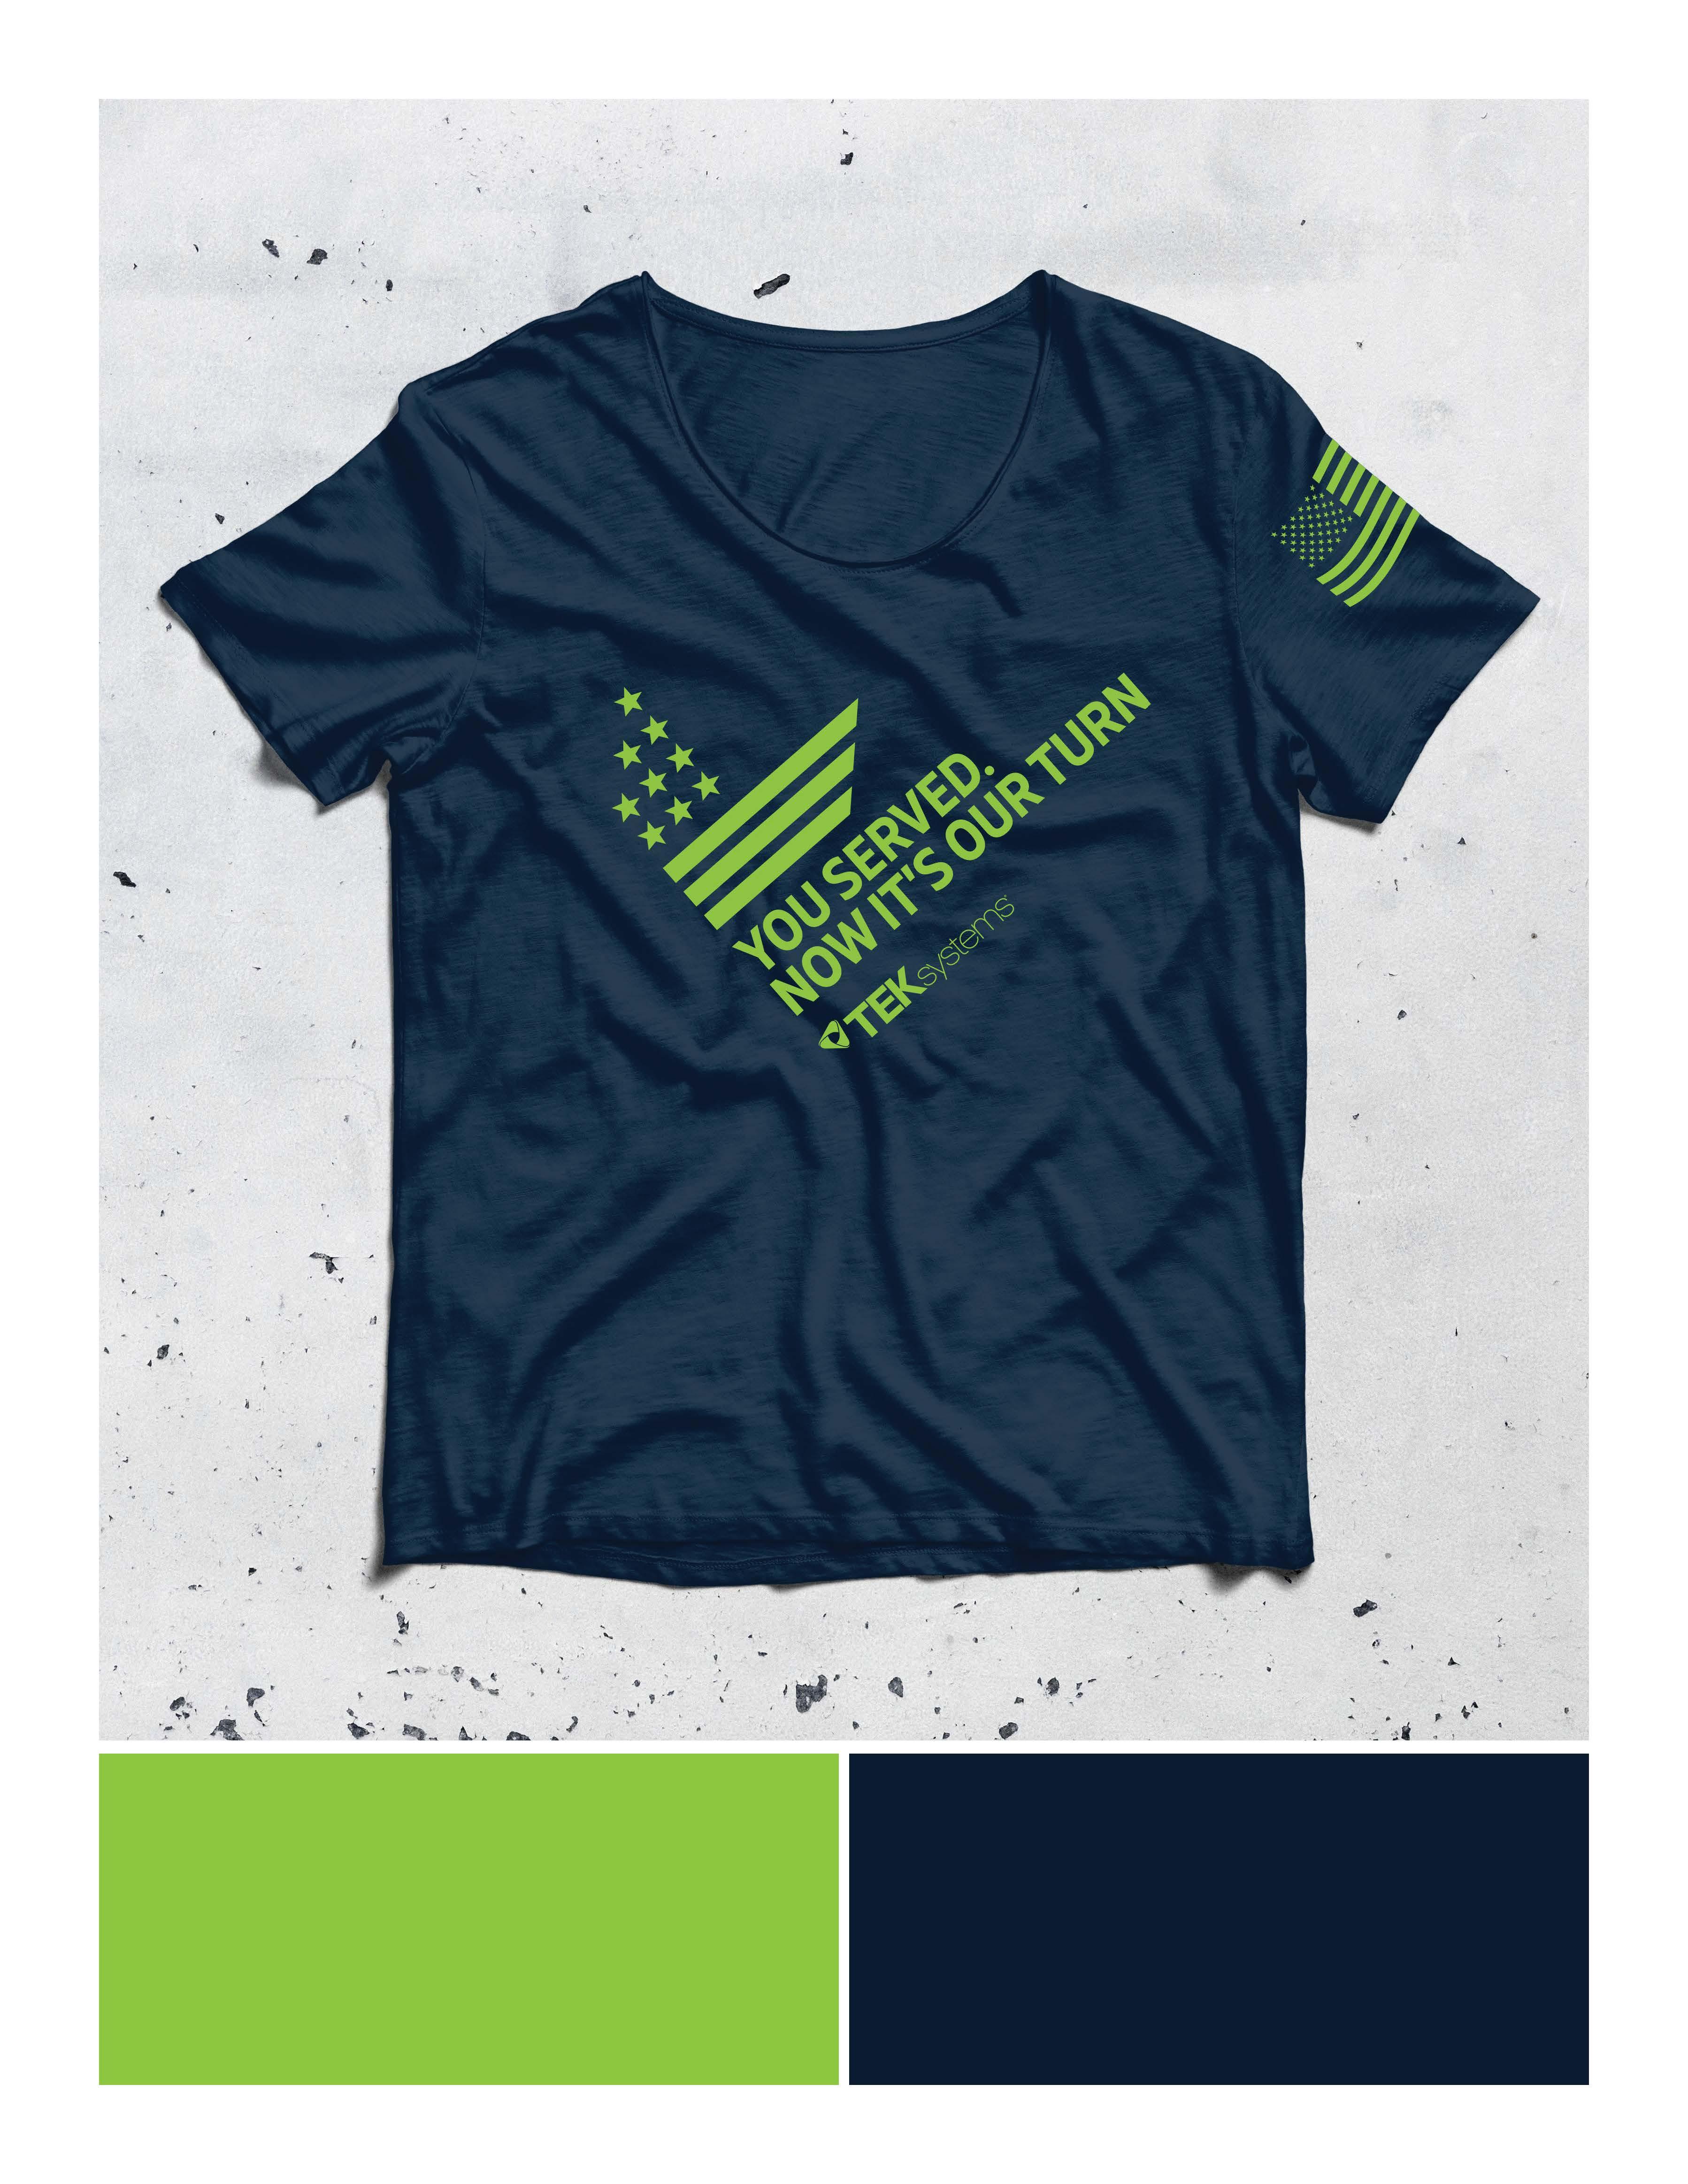 Pat Tillman Run T-Shirt